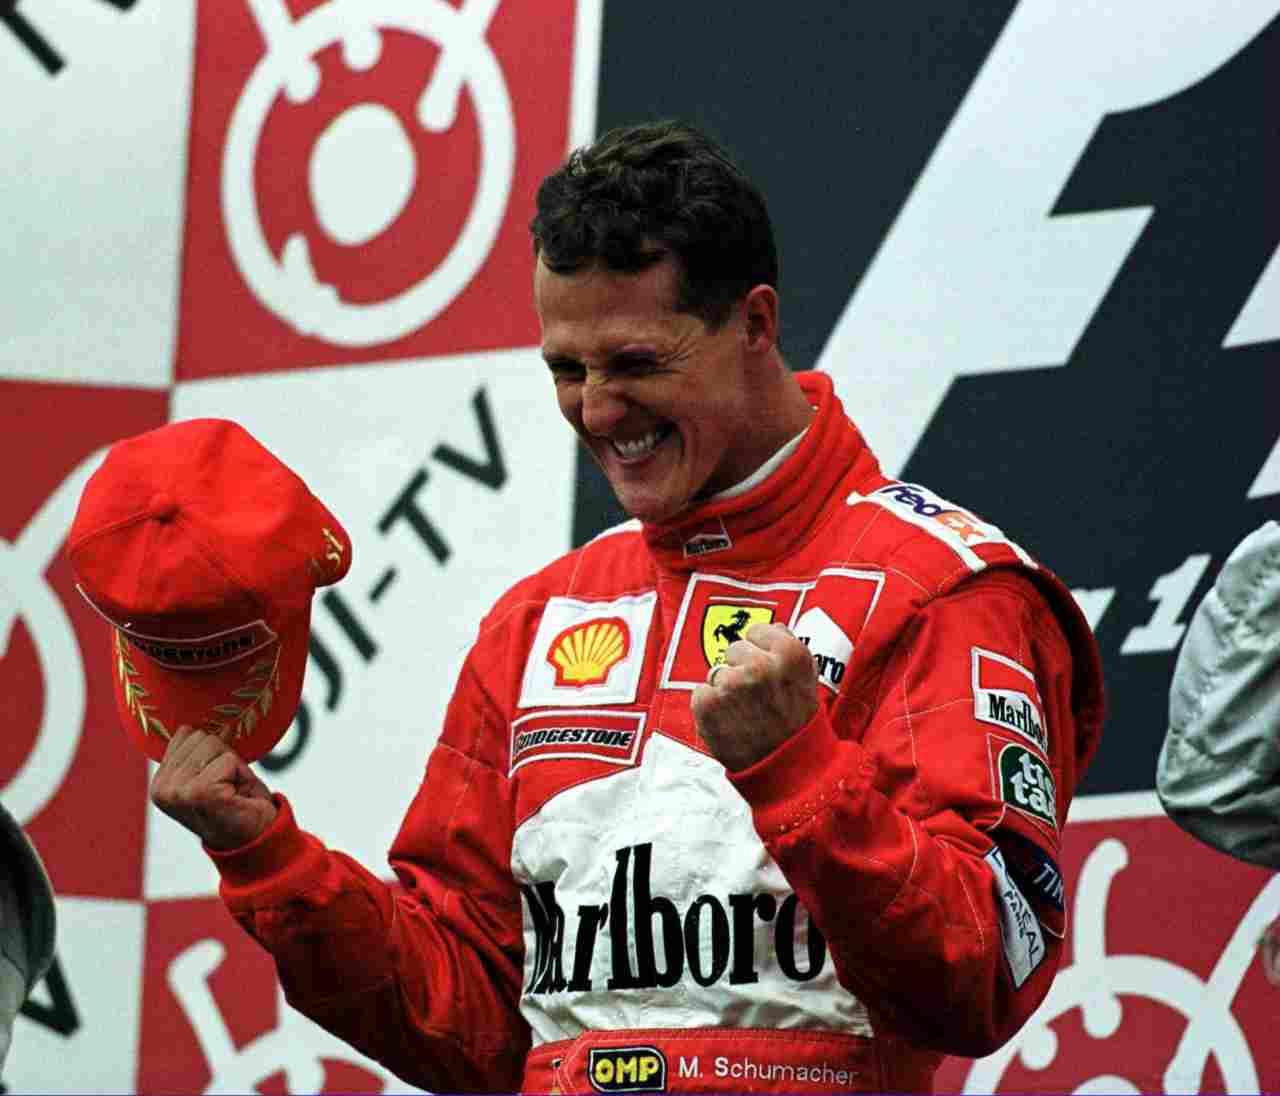 Michael Schumacher, vent'anni fa il primo titolo mondiale in Ferrari